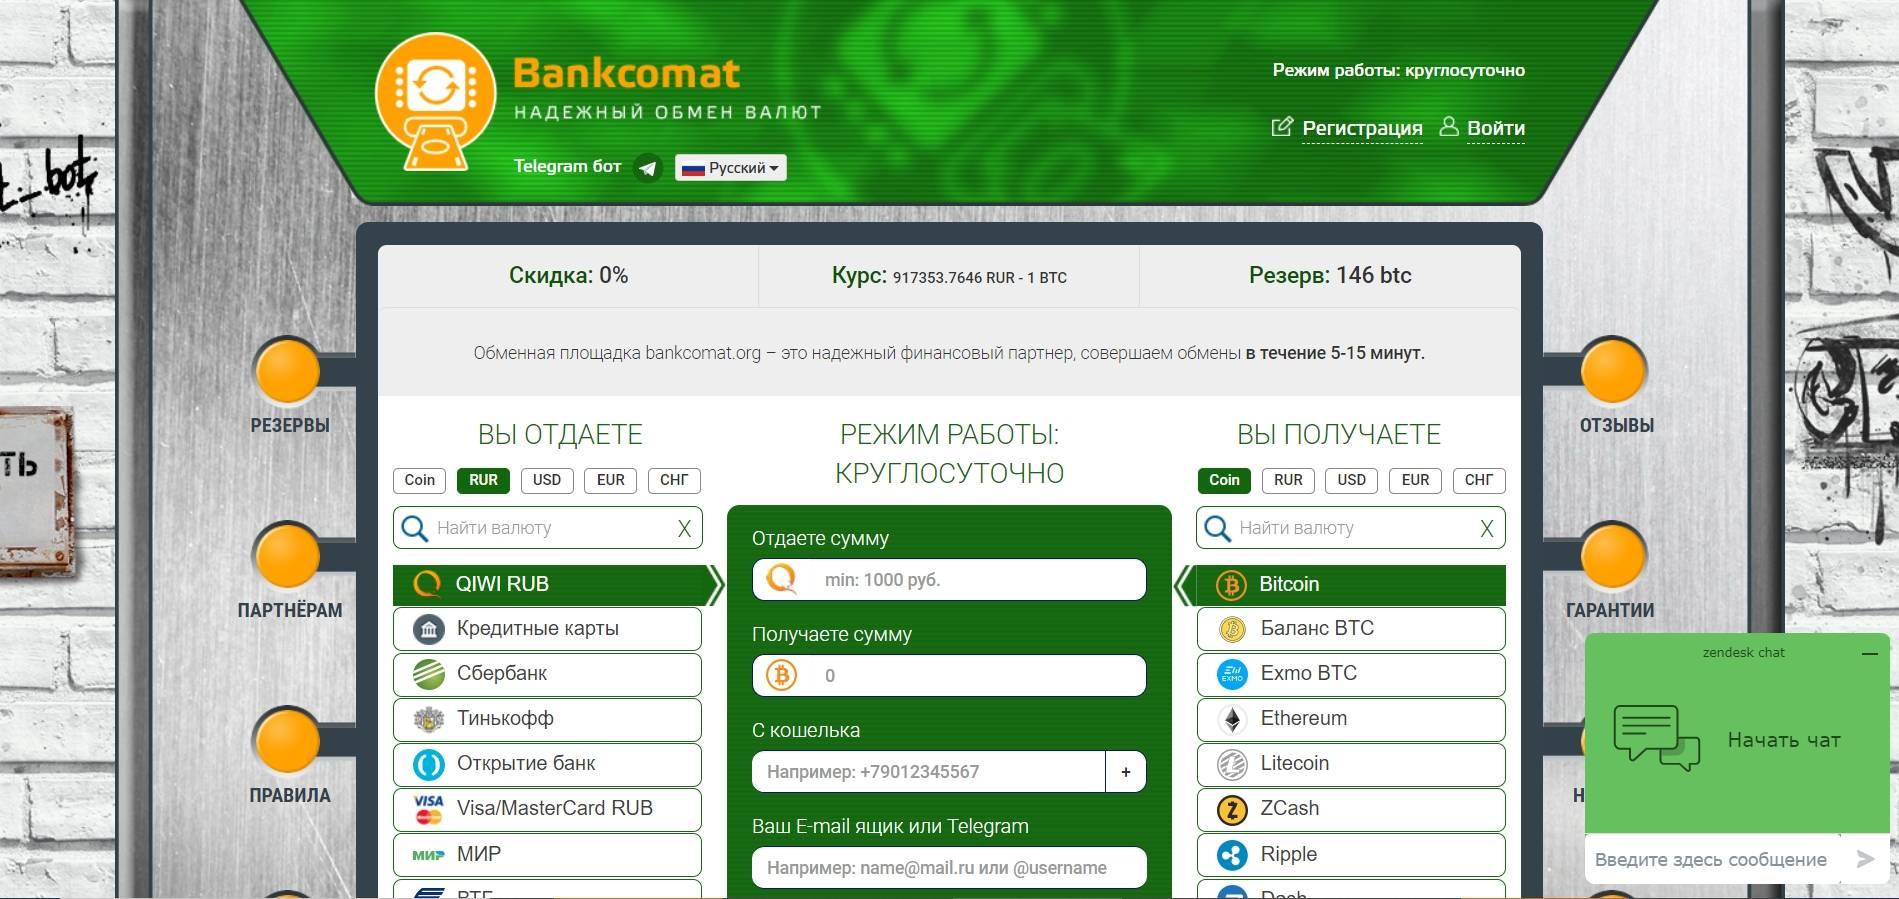 Bankcomat